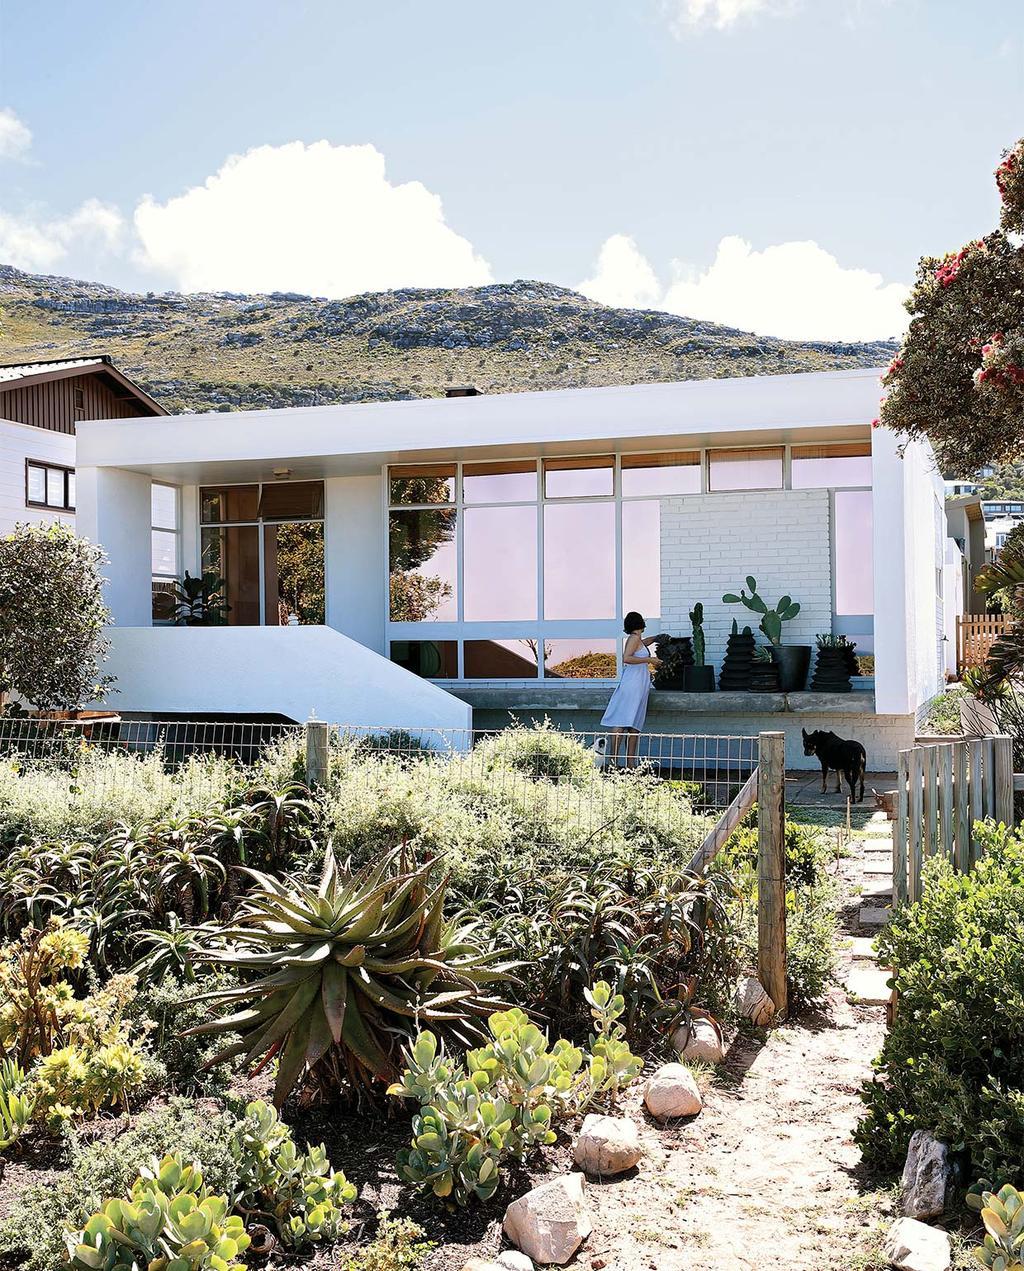 vtwonen special zomerhuizen 07-2021 | buitenkant van het wit moderne huis